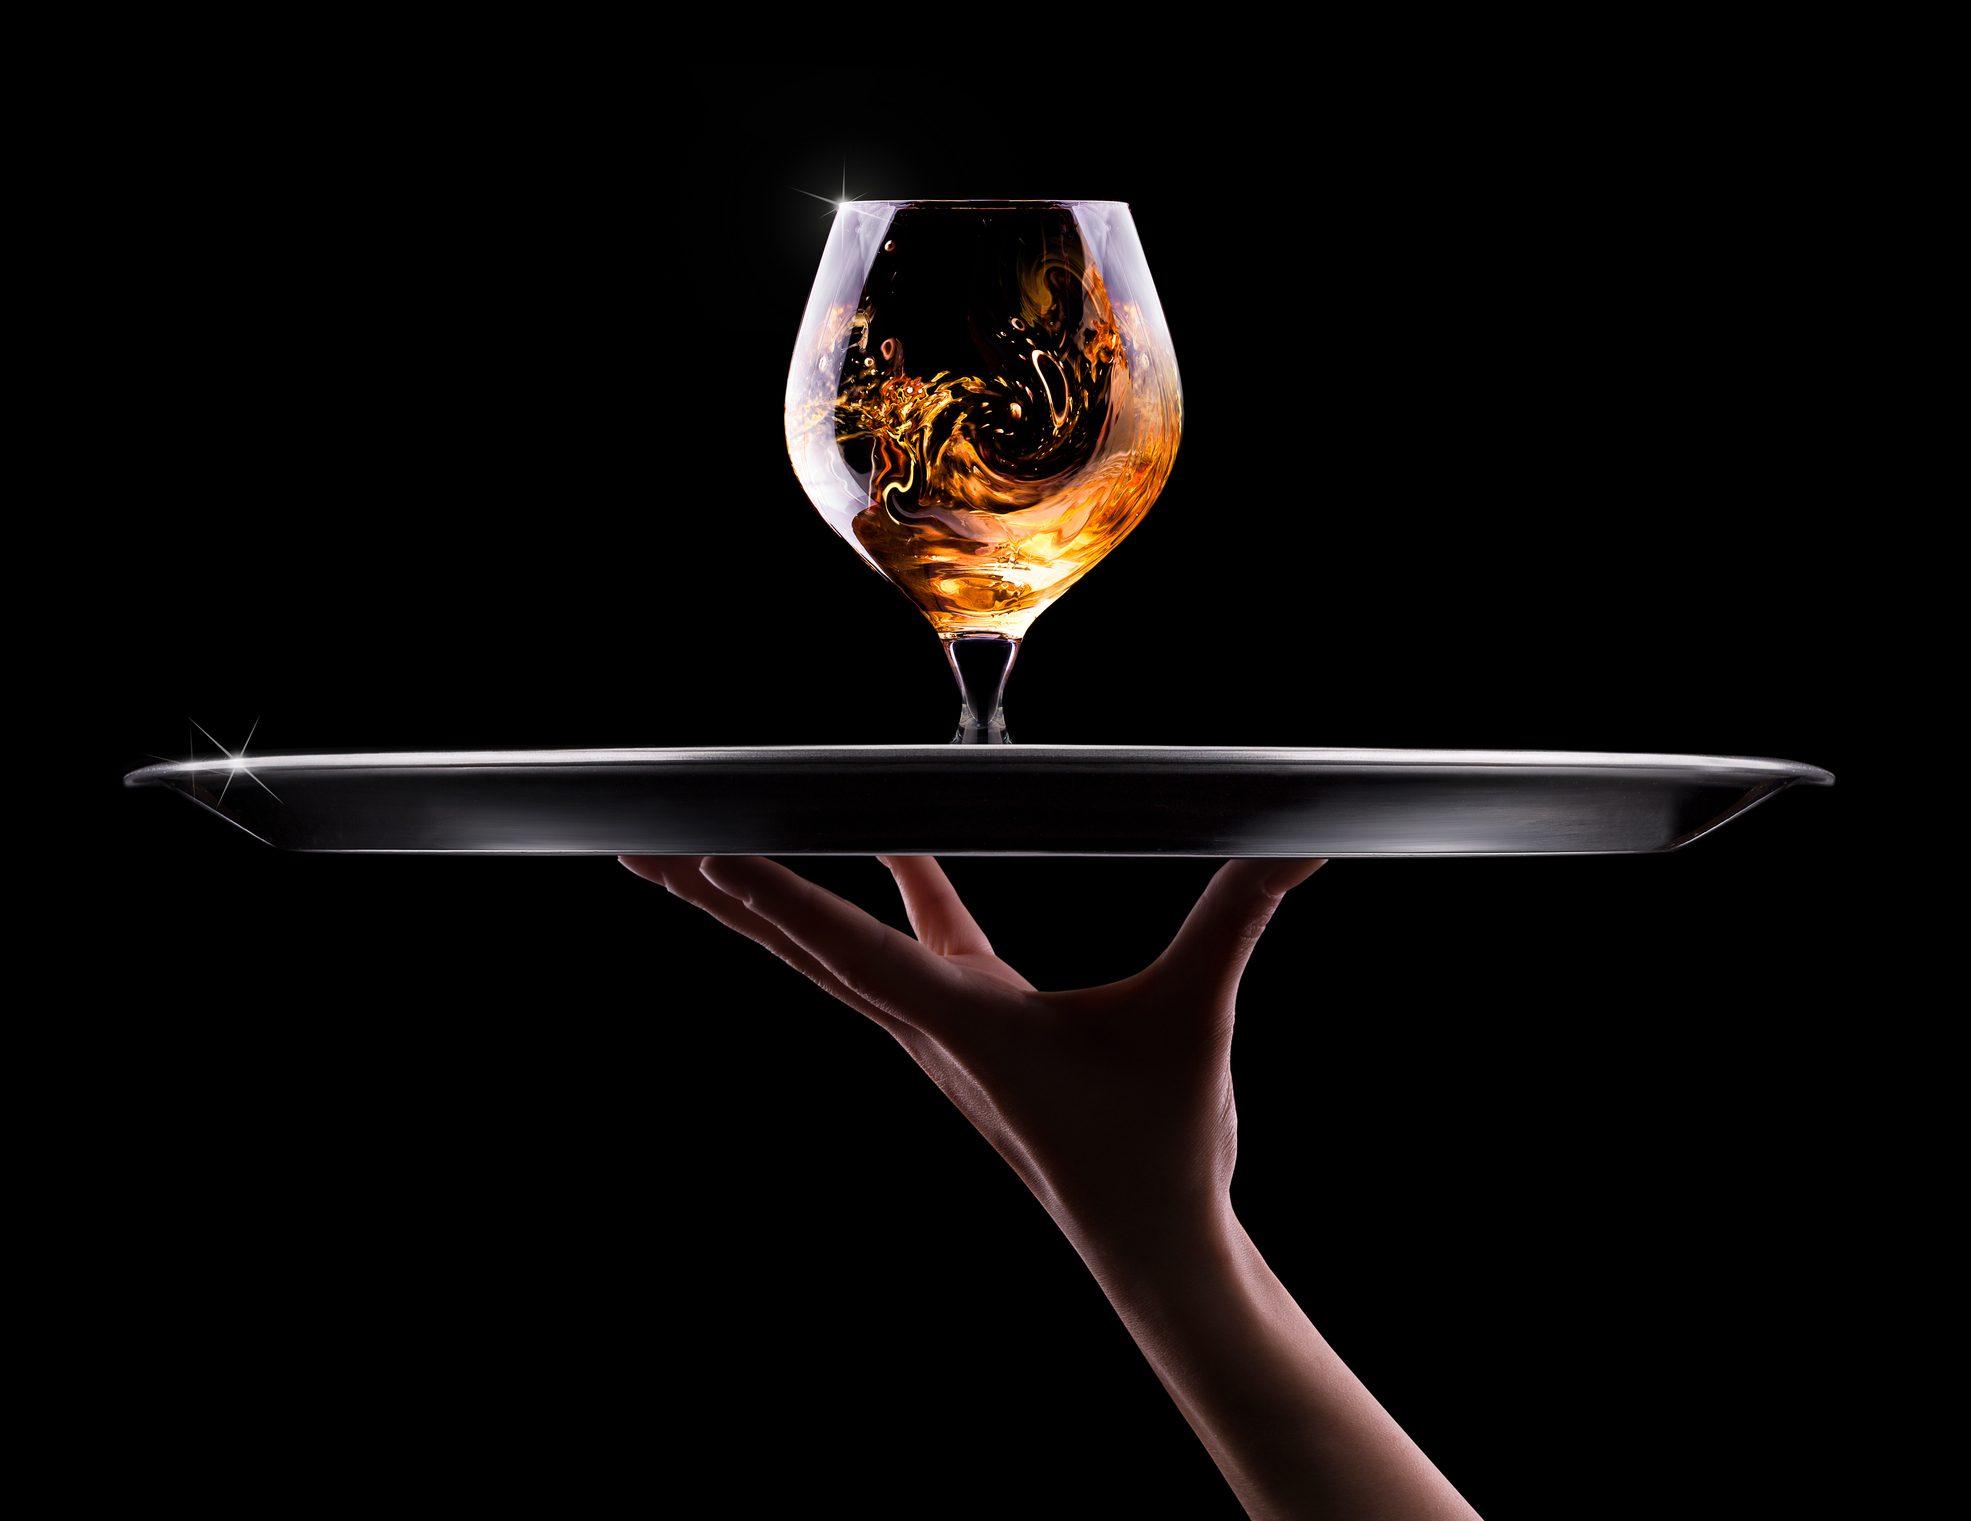 Tutto sul brandy: come nasce, come si produce, come degustarlo e usarlo in cucina